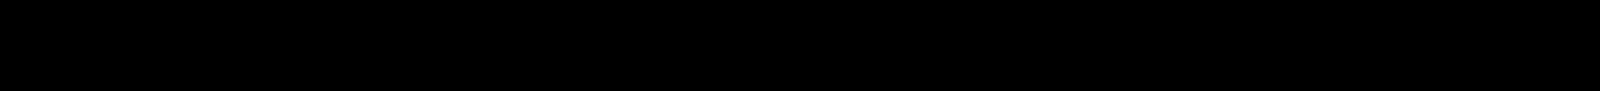 line-divider